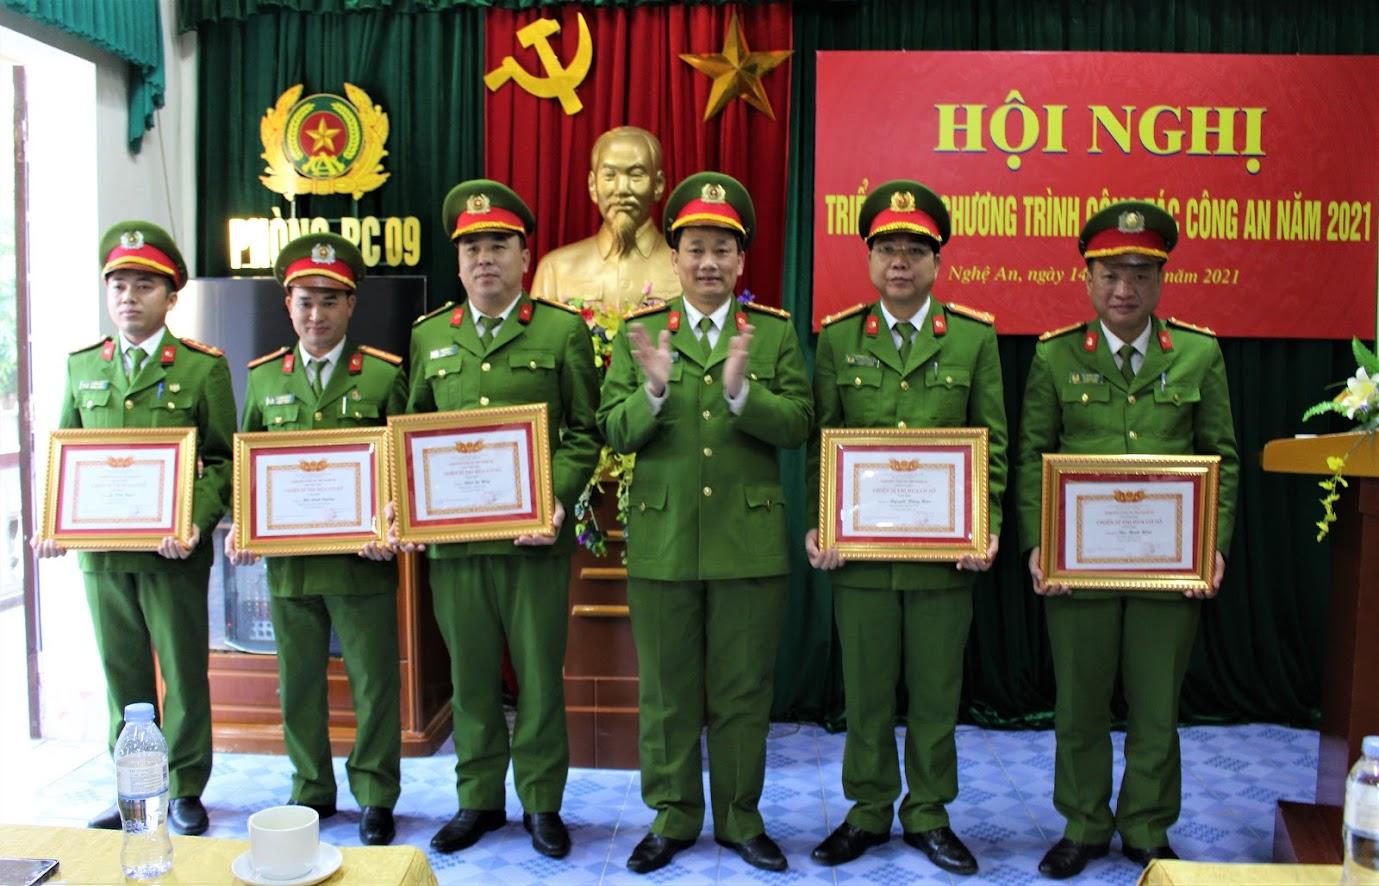 Đại tá Nguyễn Mạnh Hùng, Phó Giám đốc Công an tỉnh trao tặng Danh hiệu Chiến sỹ thi đua cơ sở